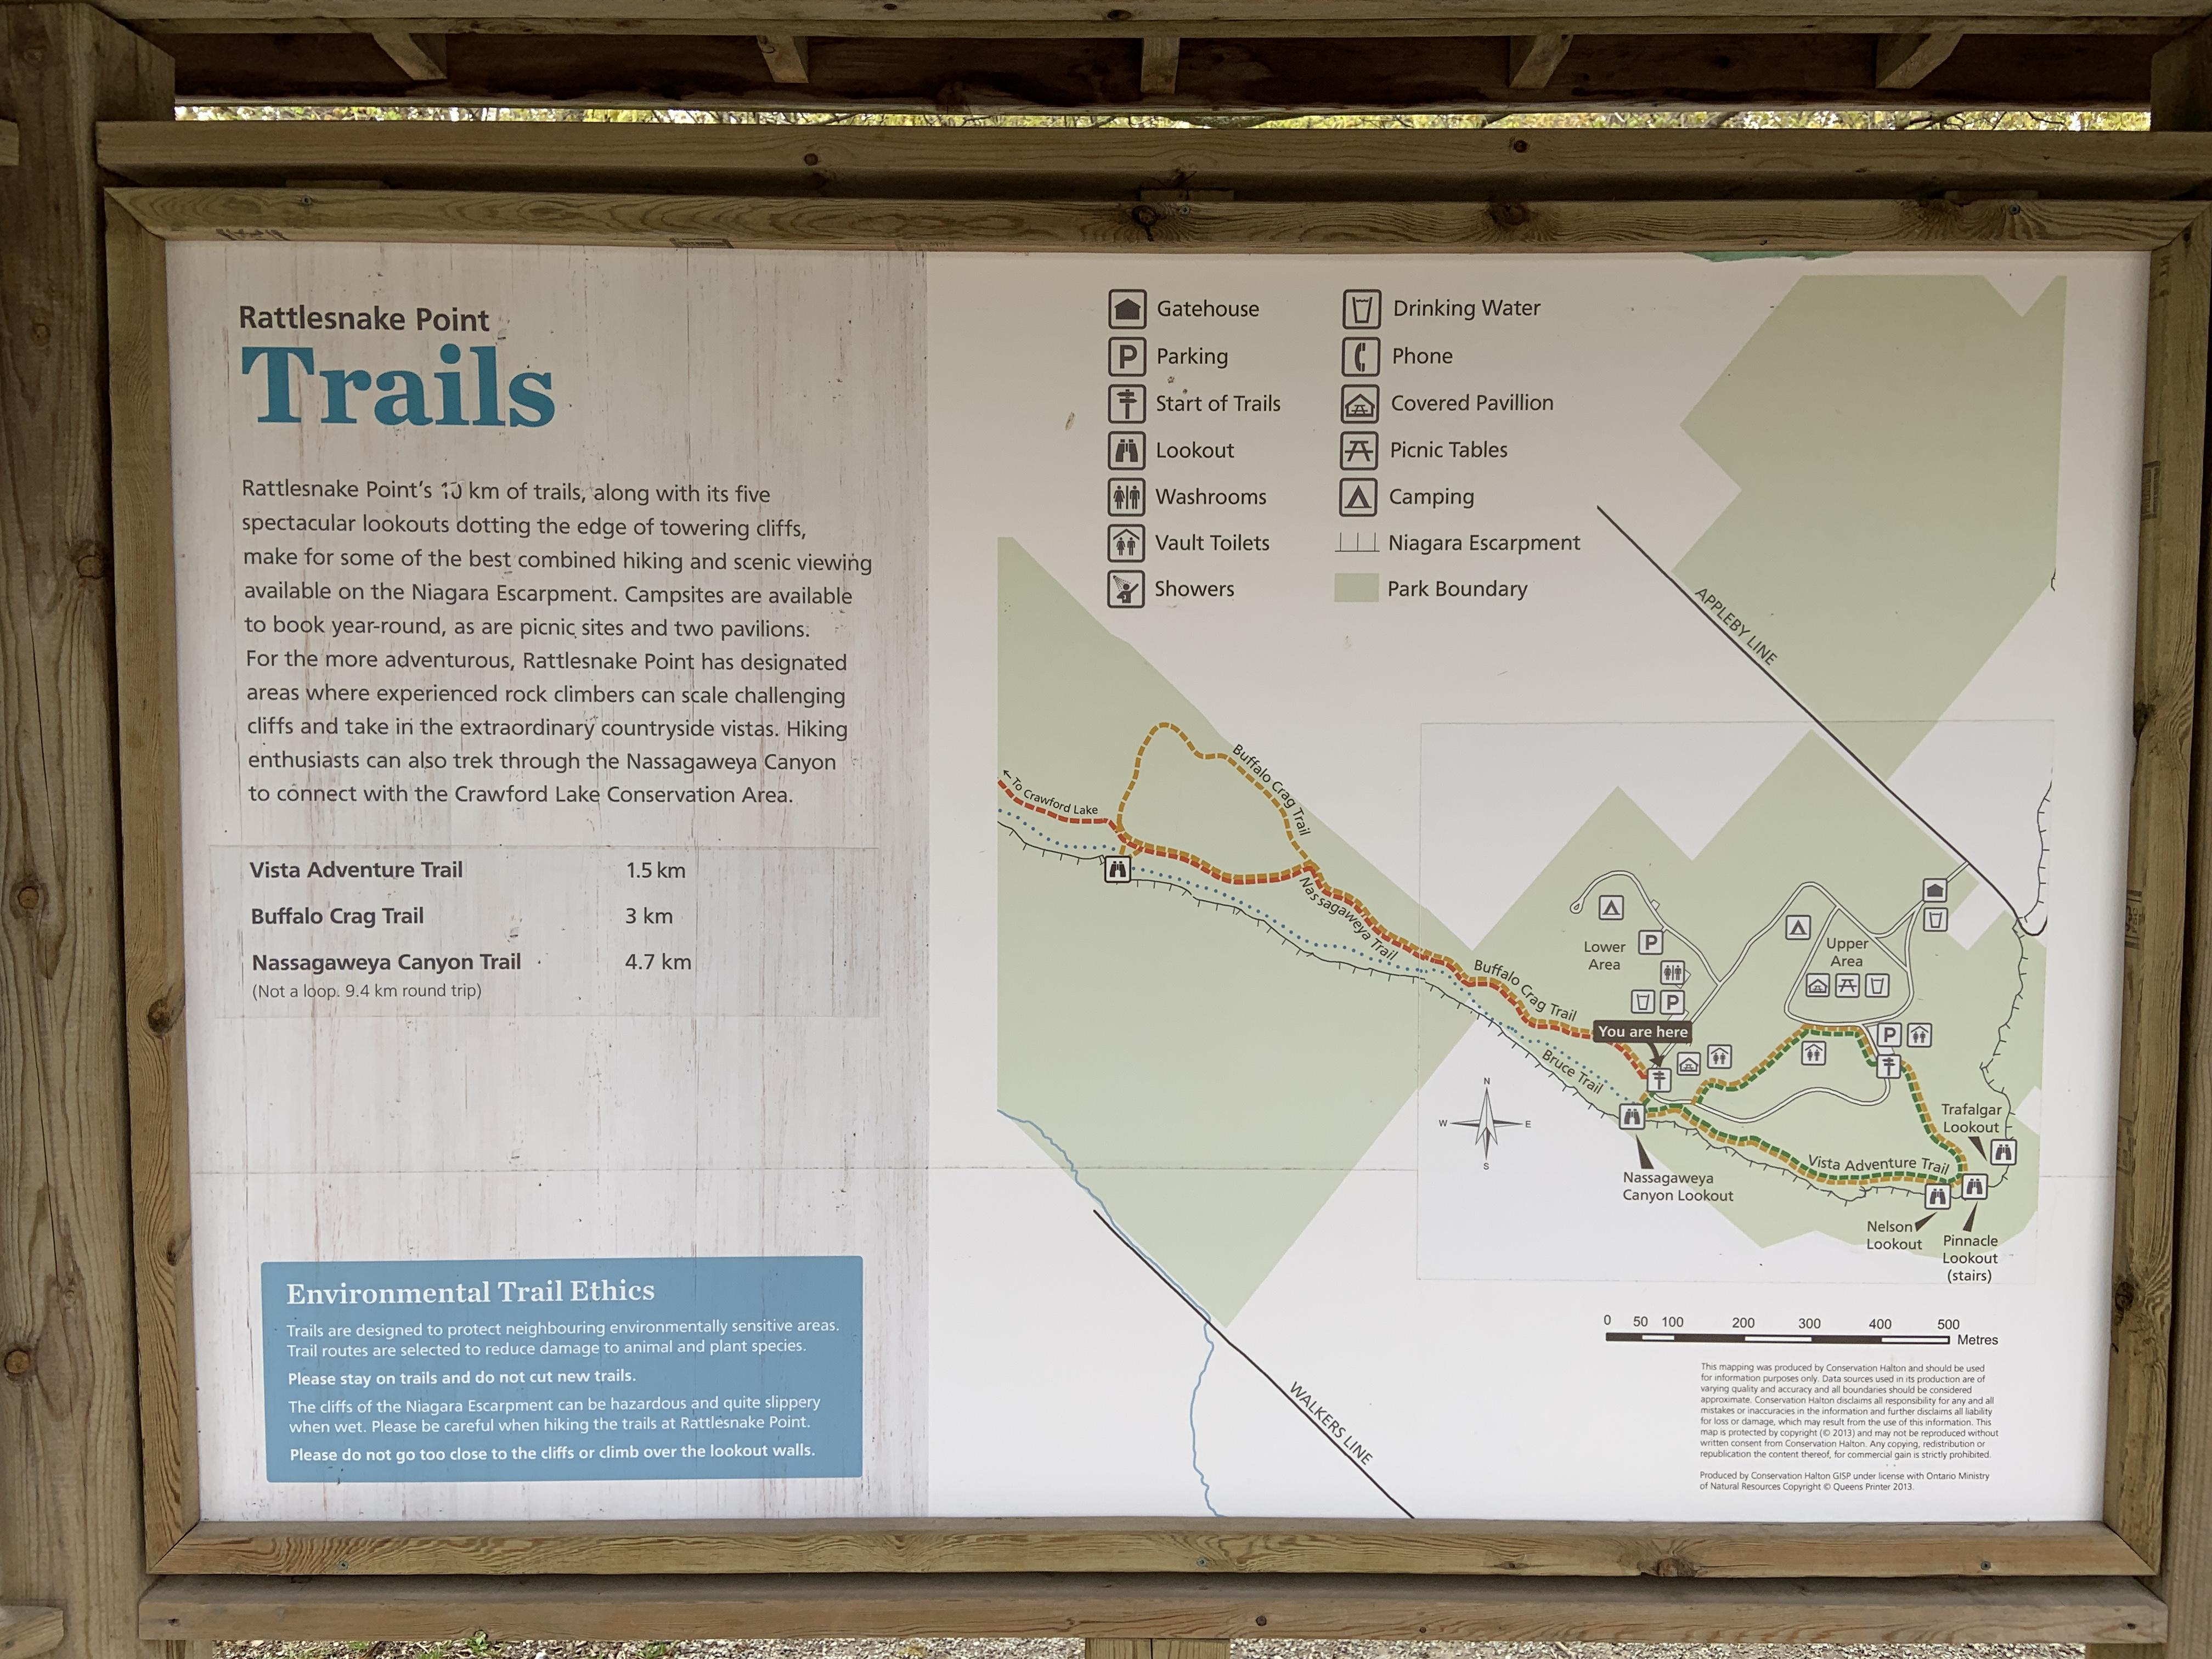 Rattlesnake Point Trail Map